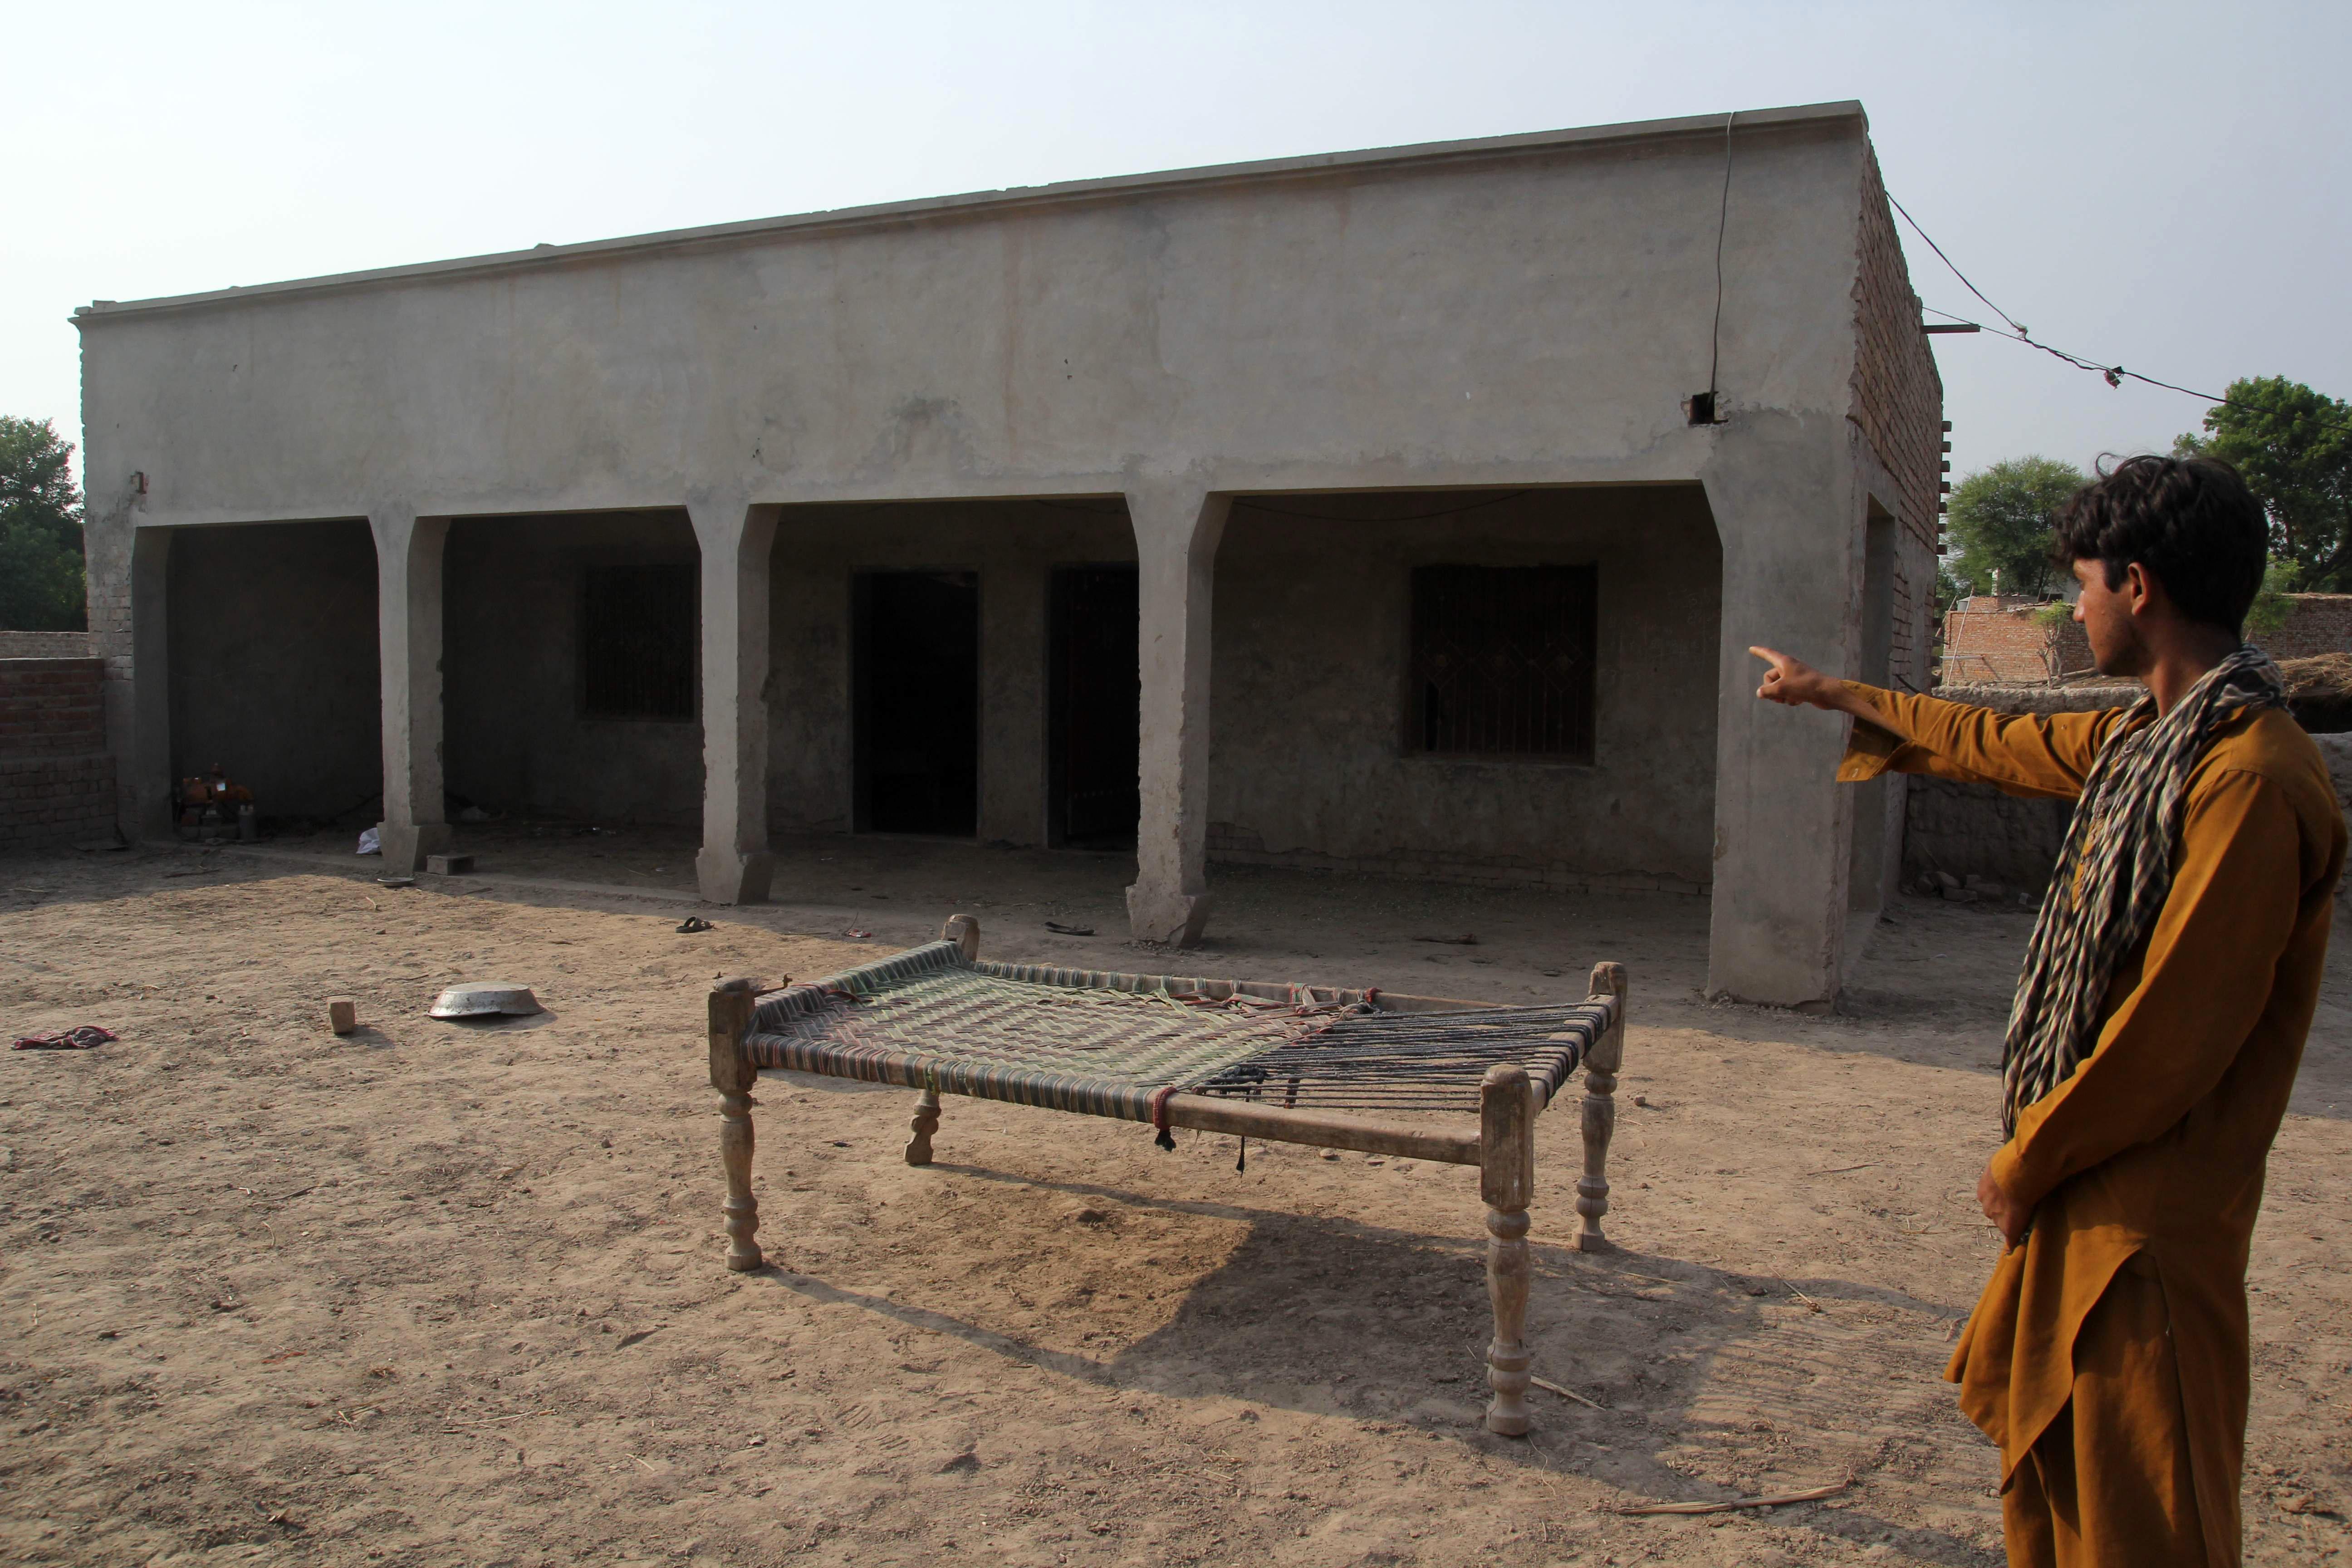 په پاکستان کې د 'انتقامي زنا' په کيس کې کسان ونیول شول